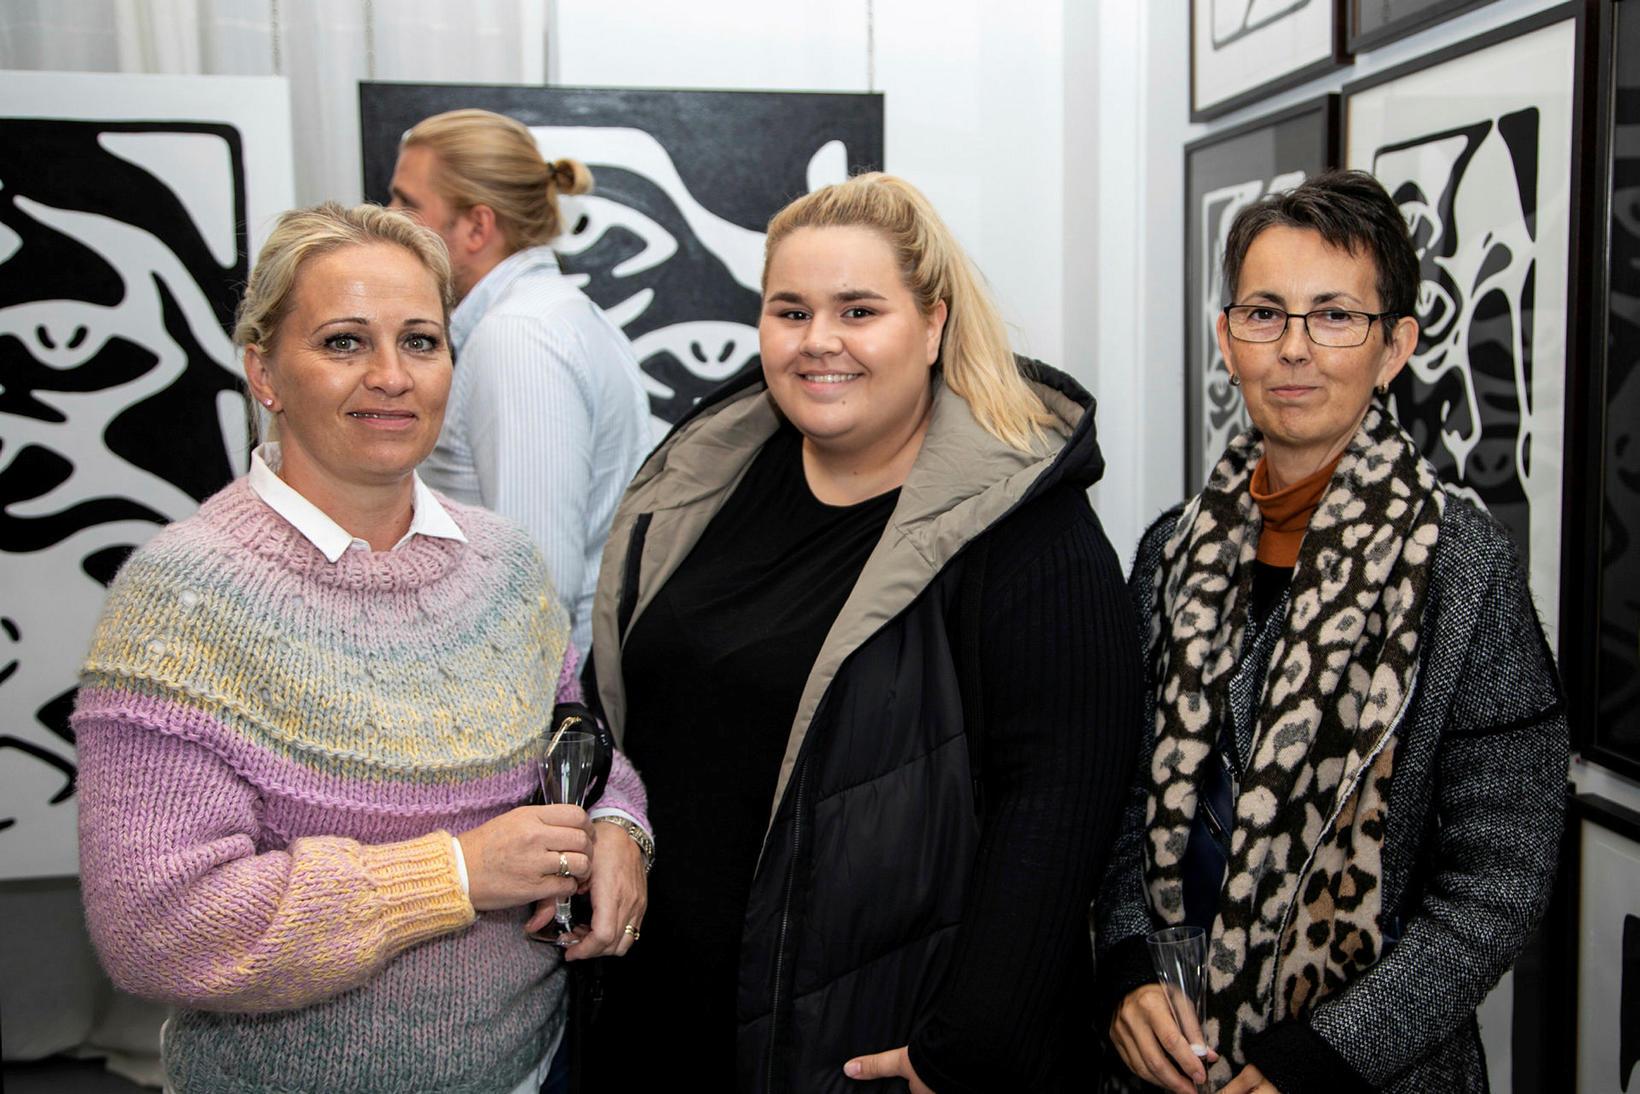 Guðbjörg Björnsdóttir, Lilja Gísladóttir og Anna Stefánsdóttir.